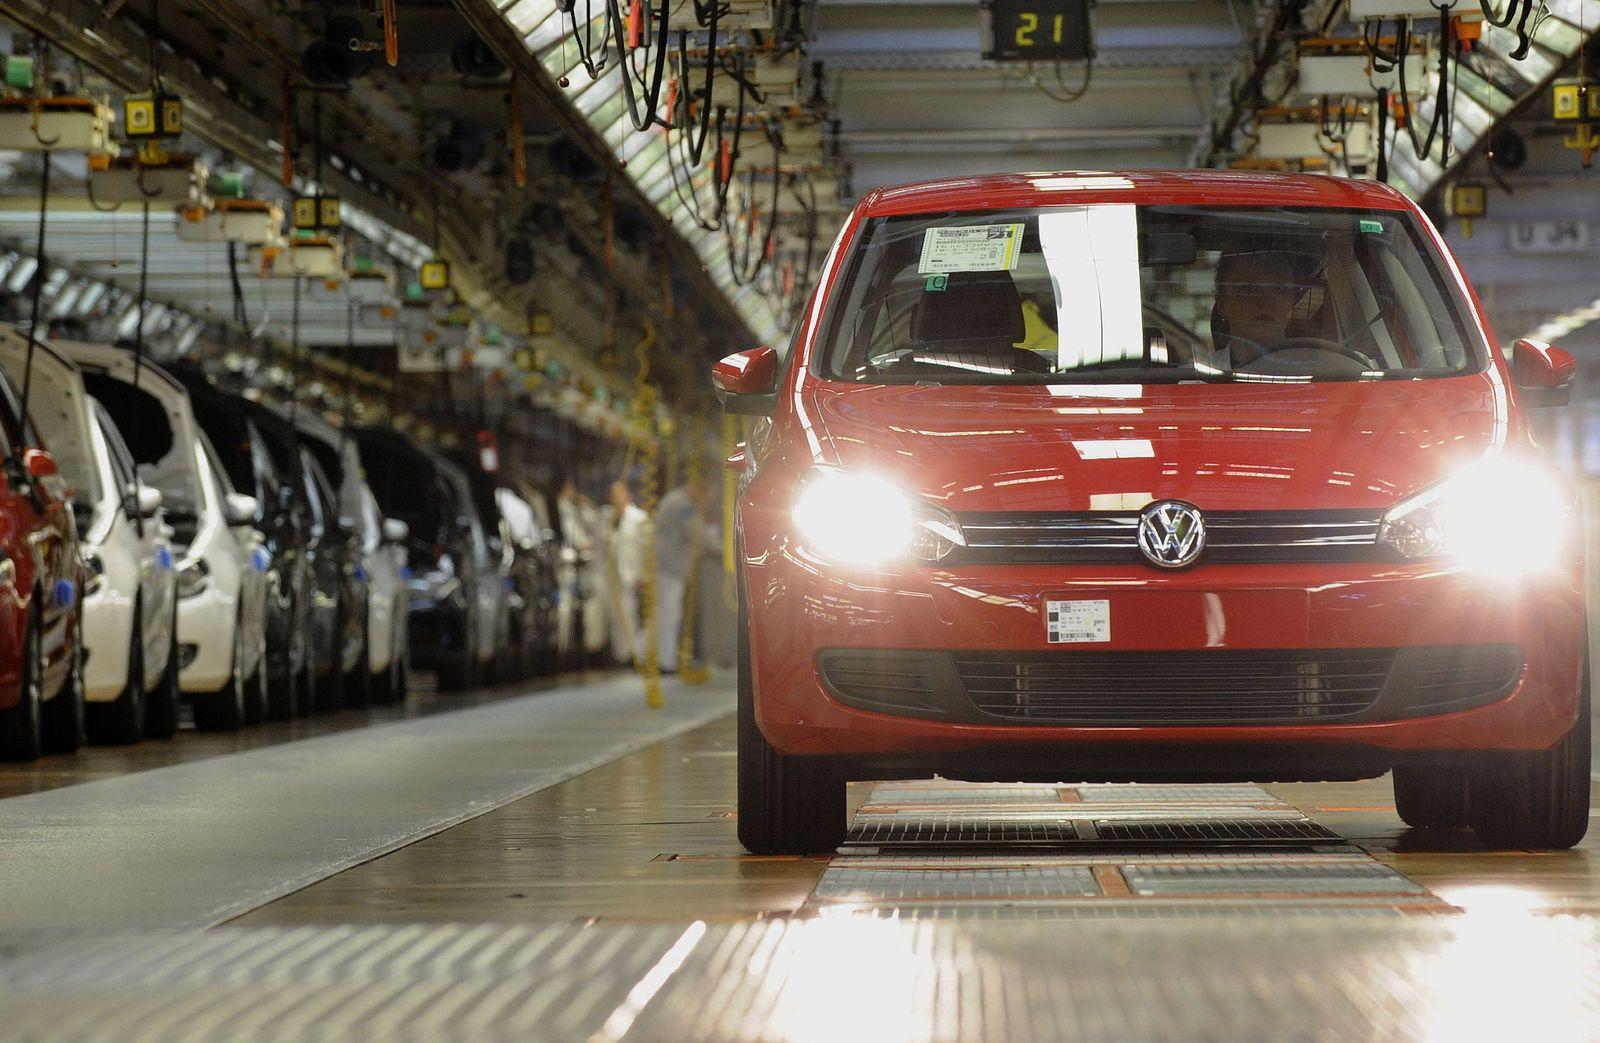 NICHT VERWENDEN Produktion Unternehmen / Emblem / VW / Bilanzen / Volkswagen